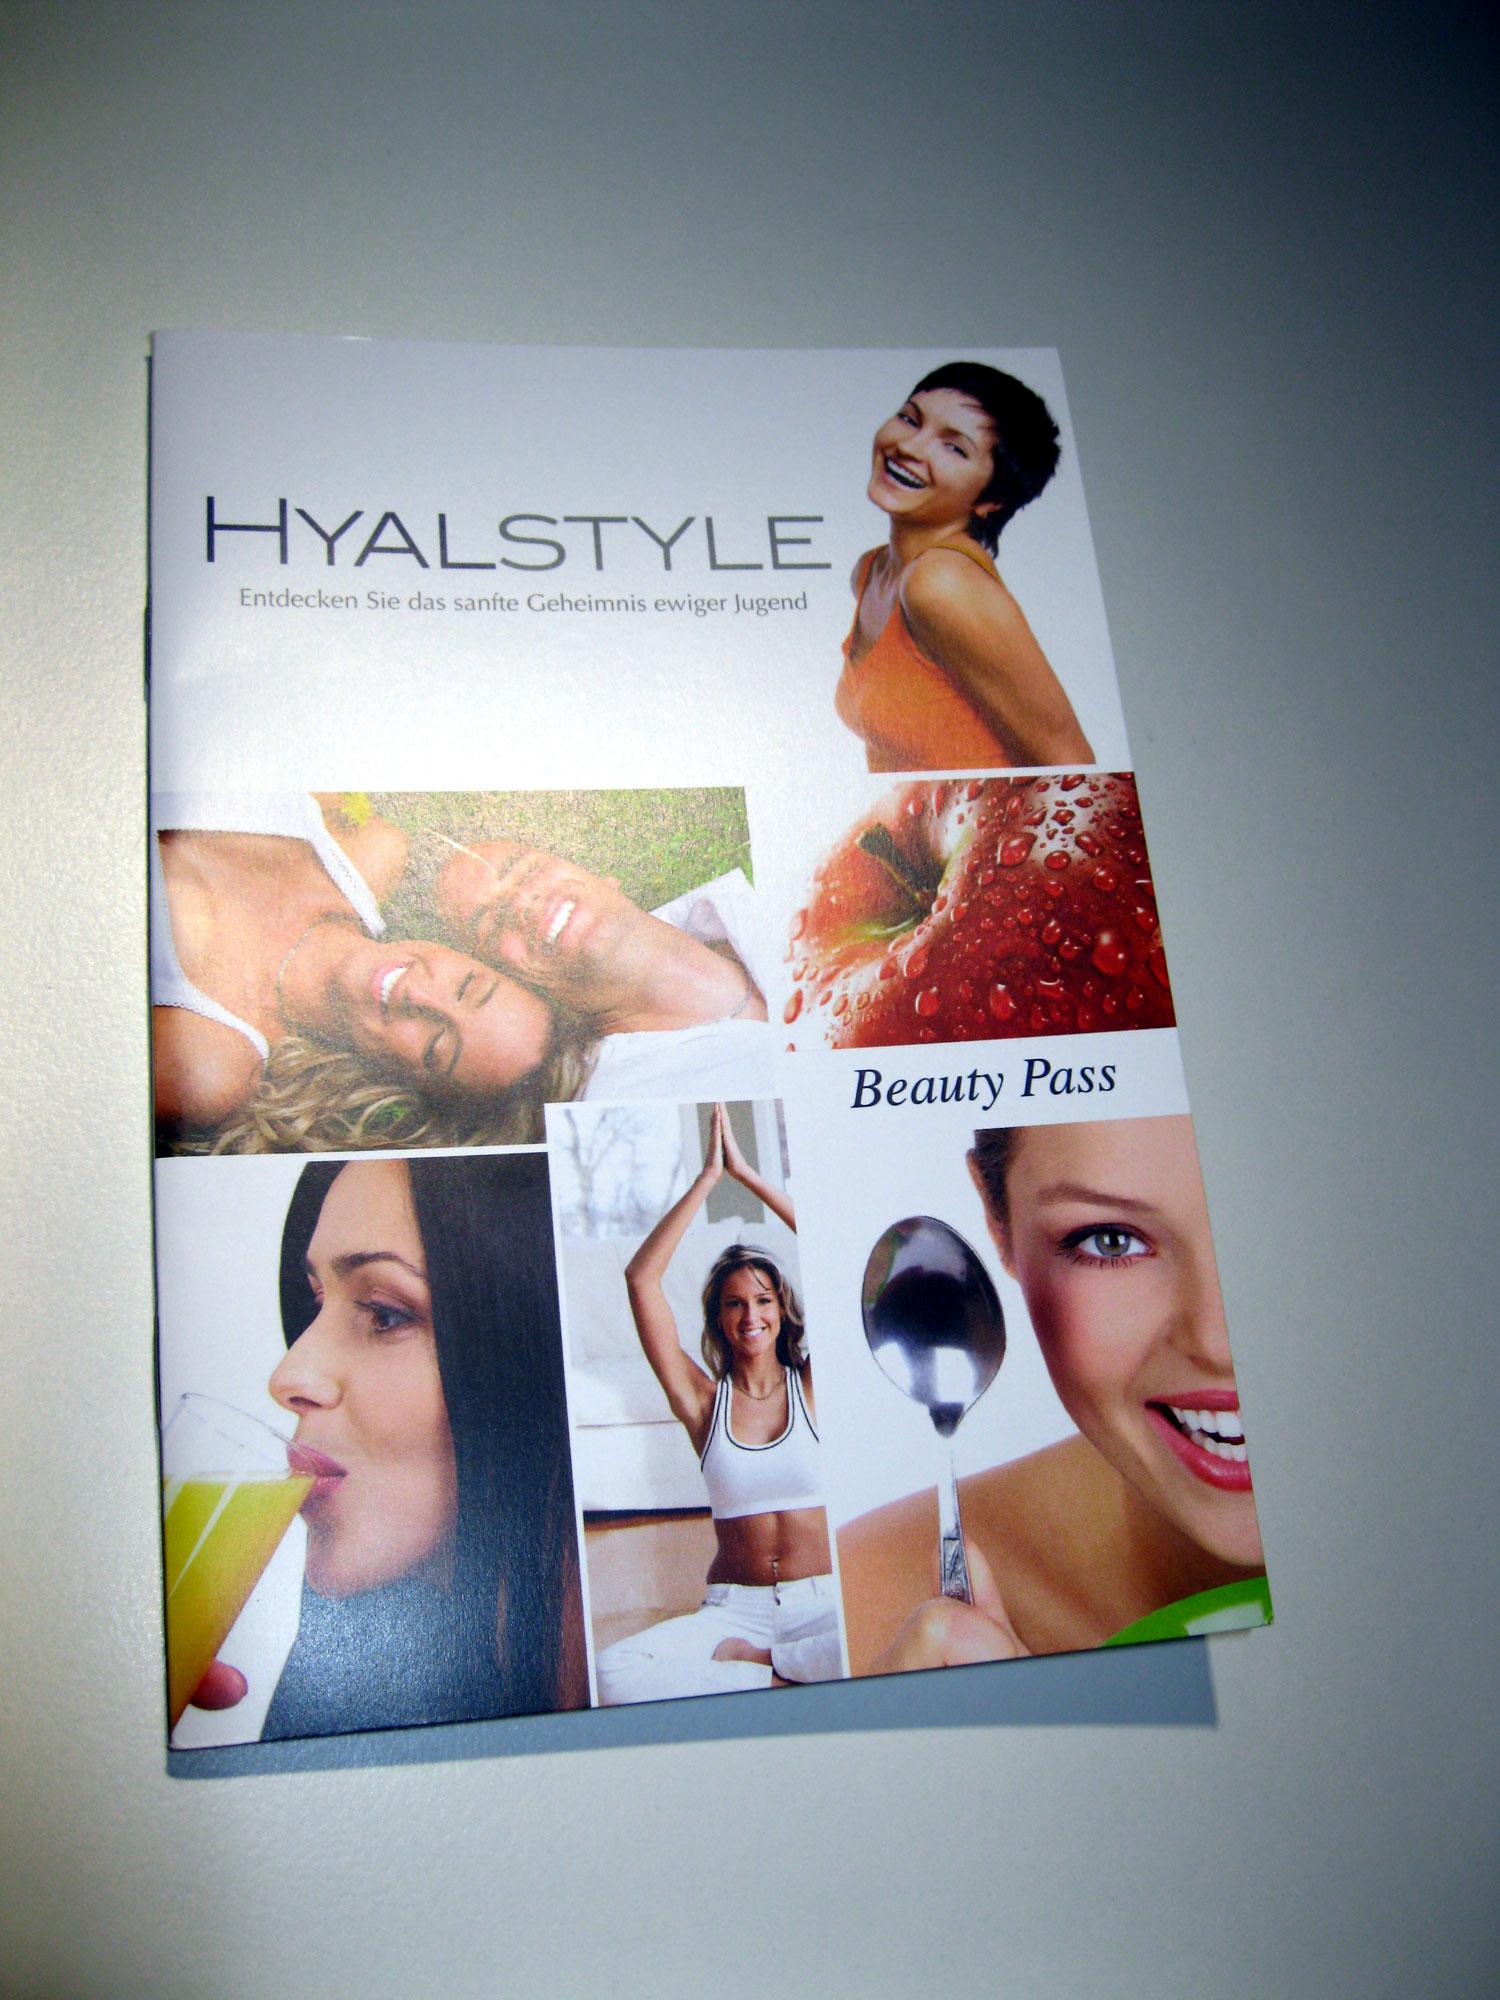 Hyaluron-Hyalstyle-Faltenunterspritzung-Pass-Estaetix-2